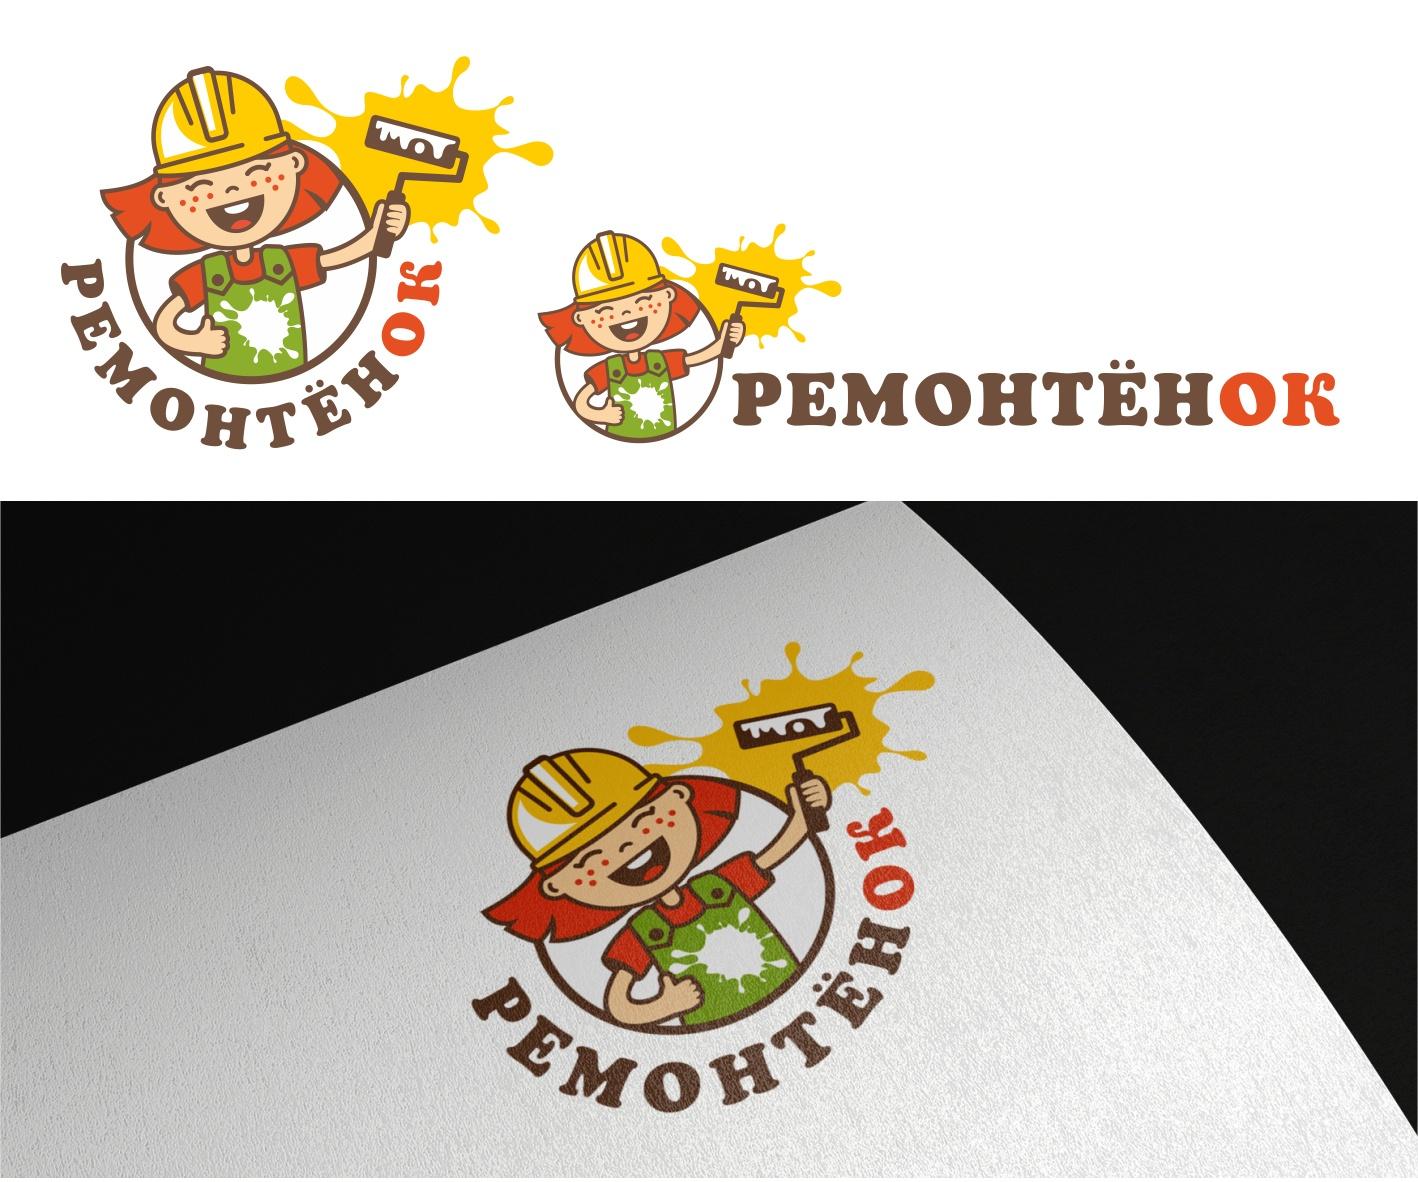 Ремонтёнок: логотип + брэндбук + фирменный стиль фото f_2555956de7e9bab2.jpg